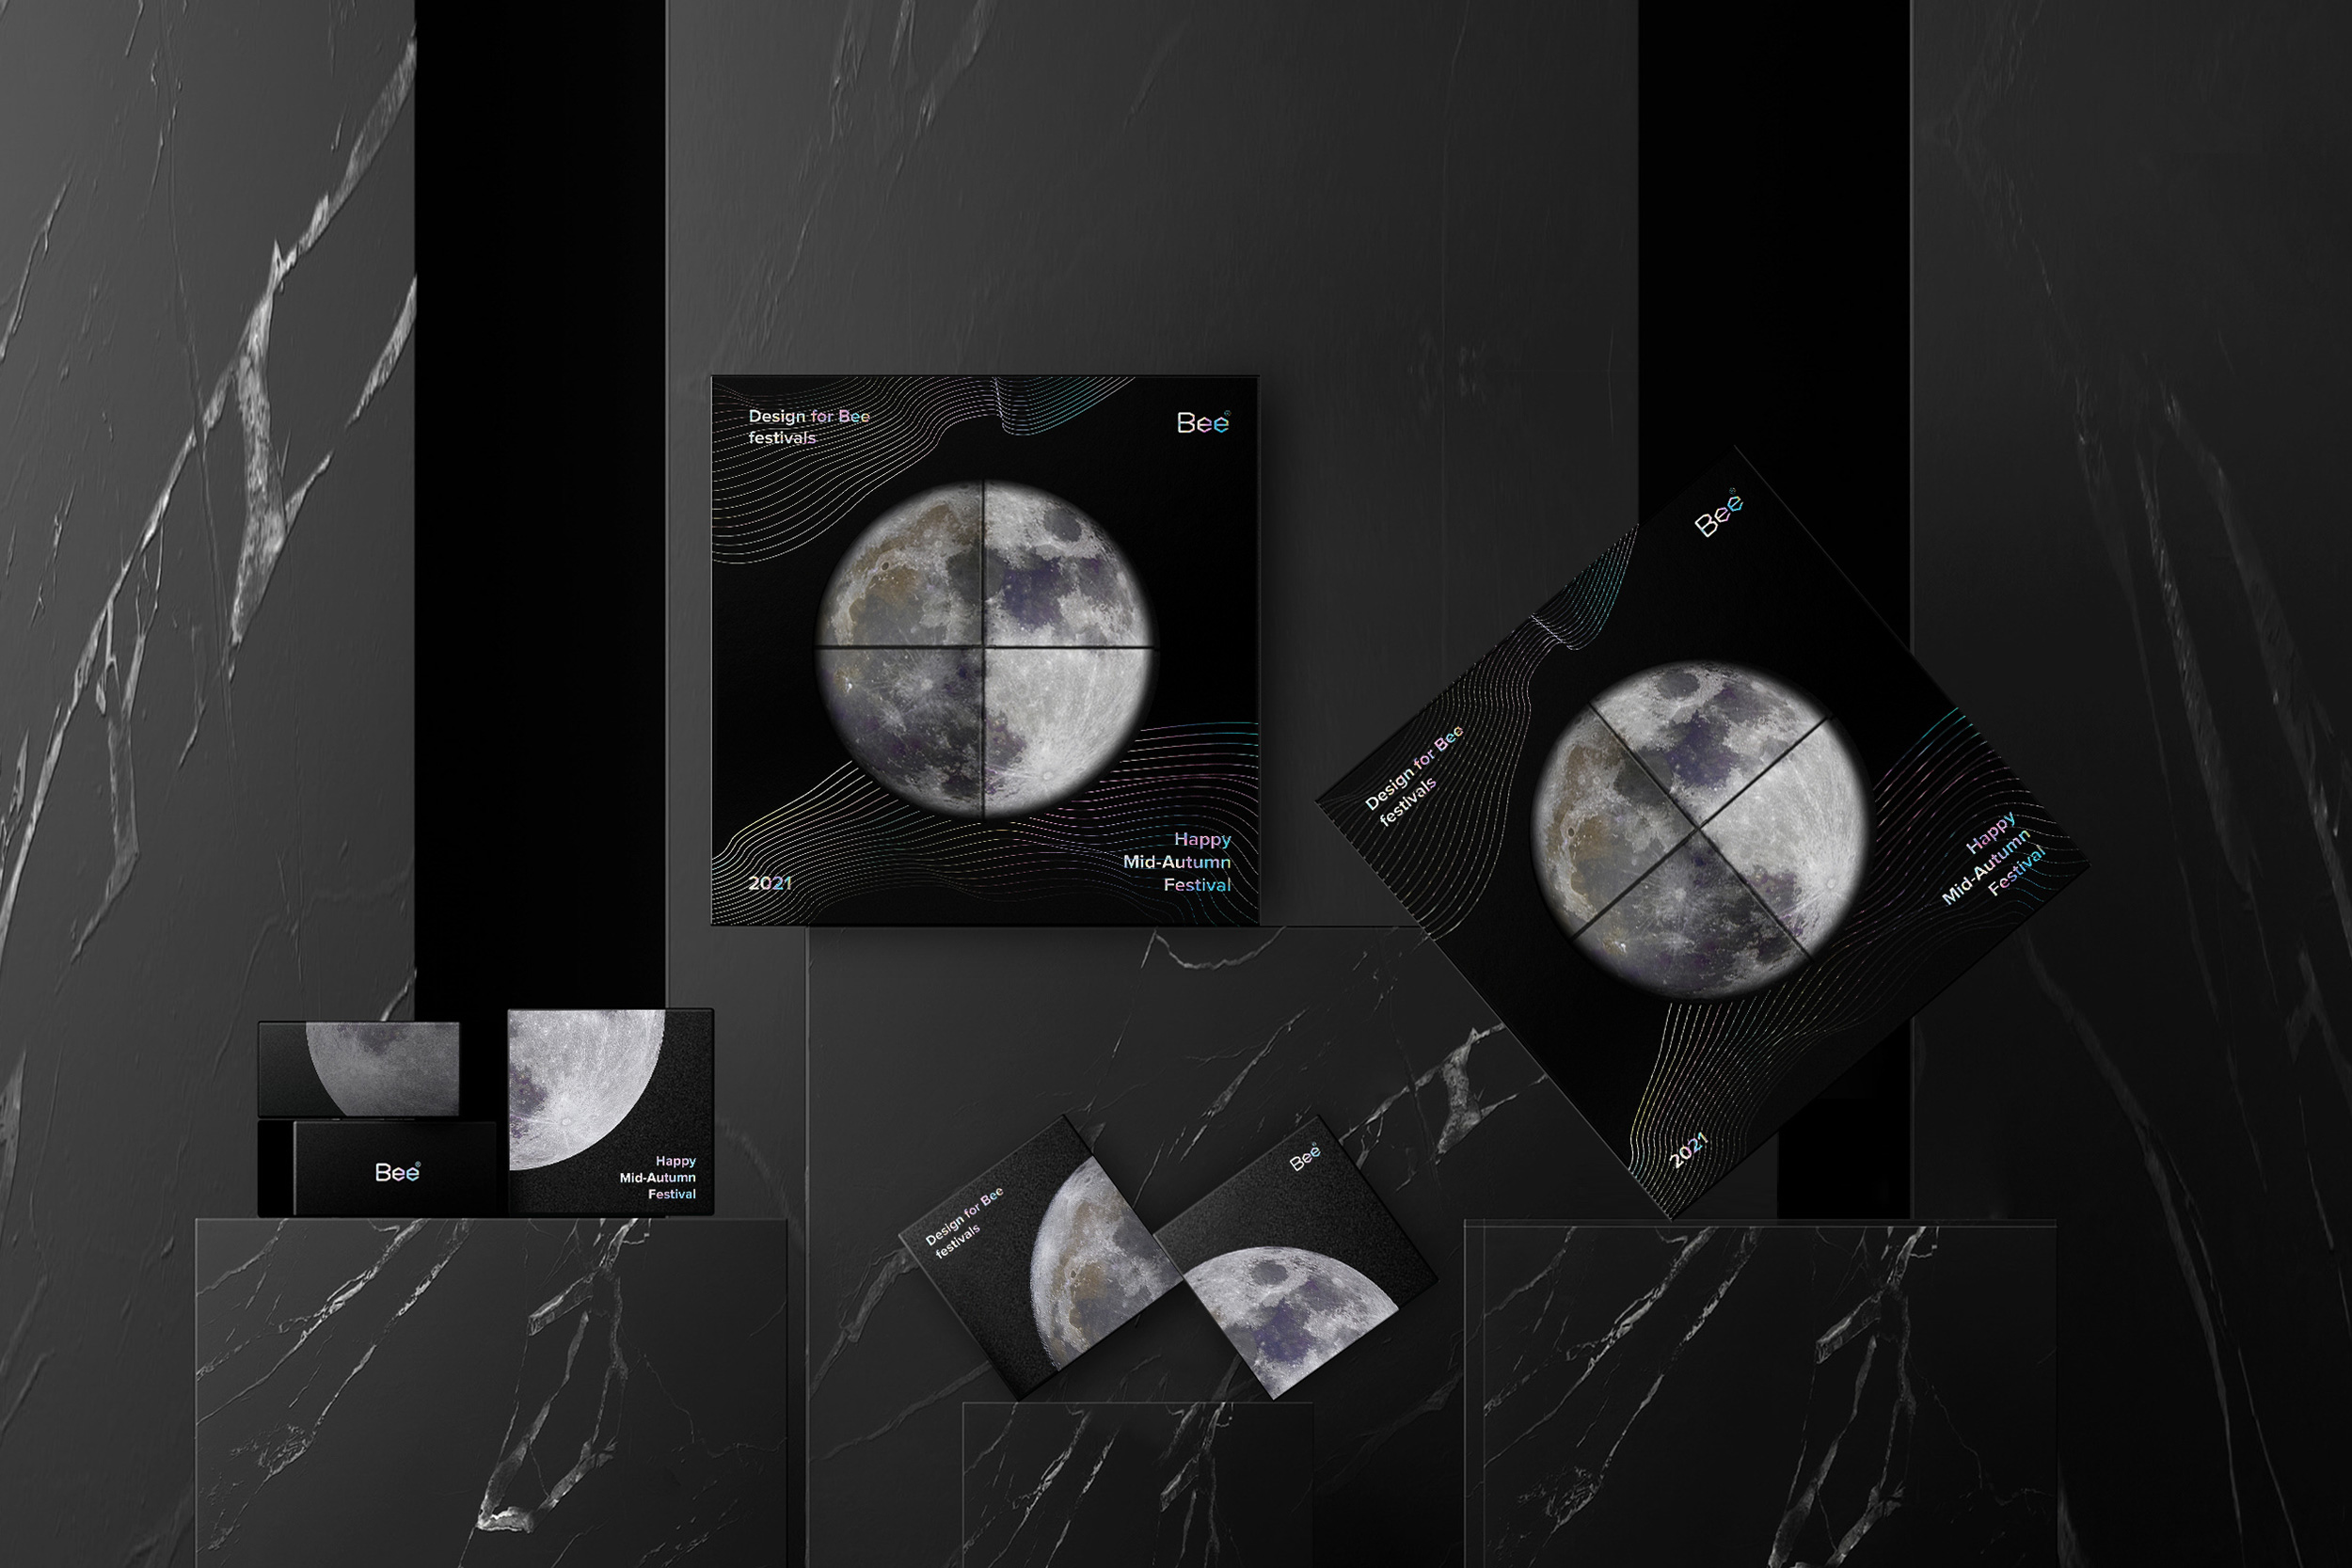 Mooncake Packaging Design by Bee Design